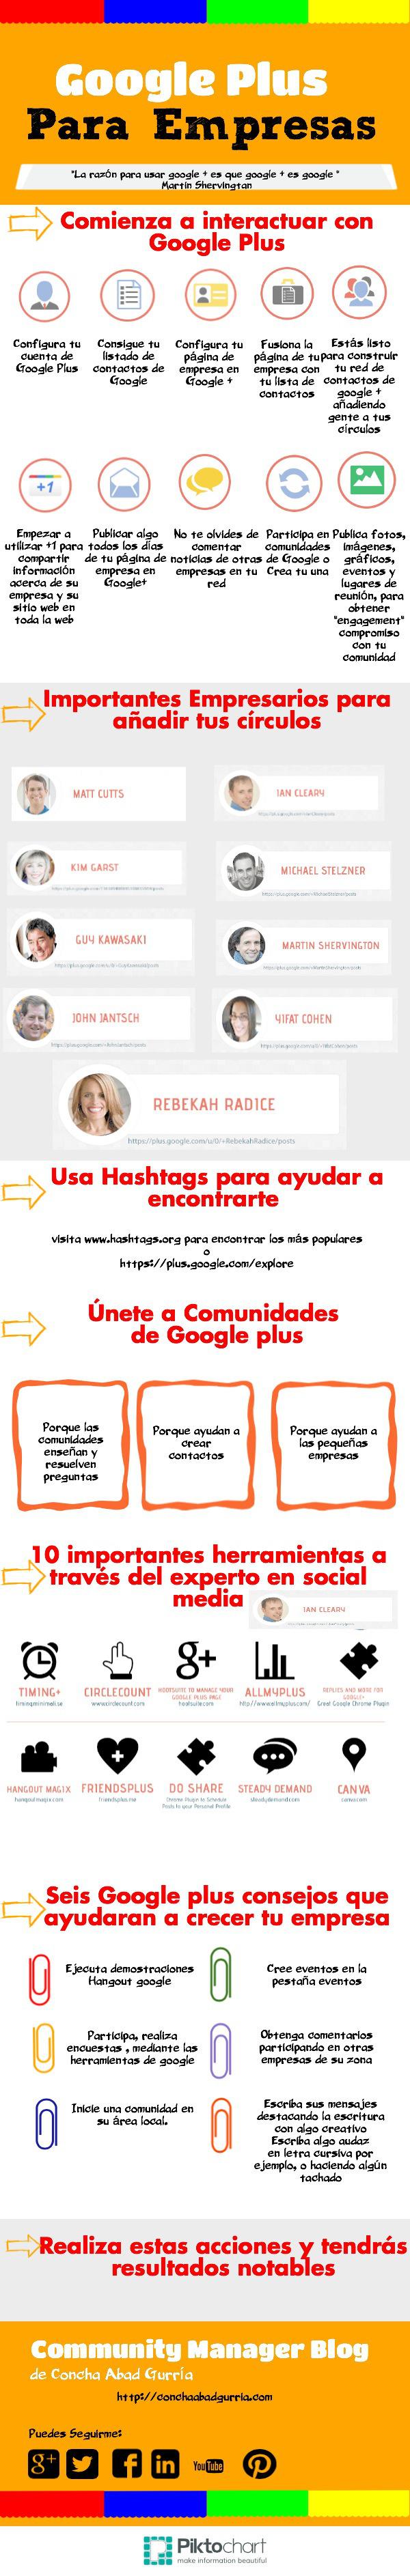 Infografías sobre Google